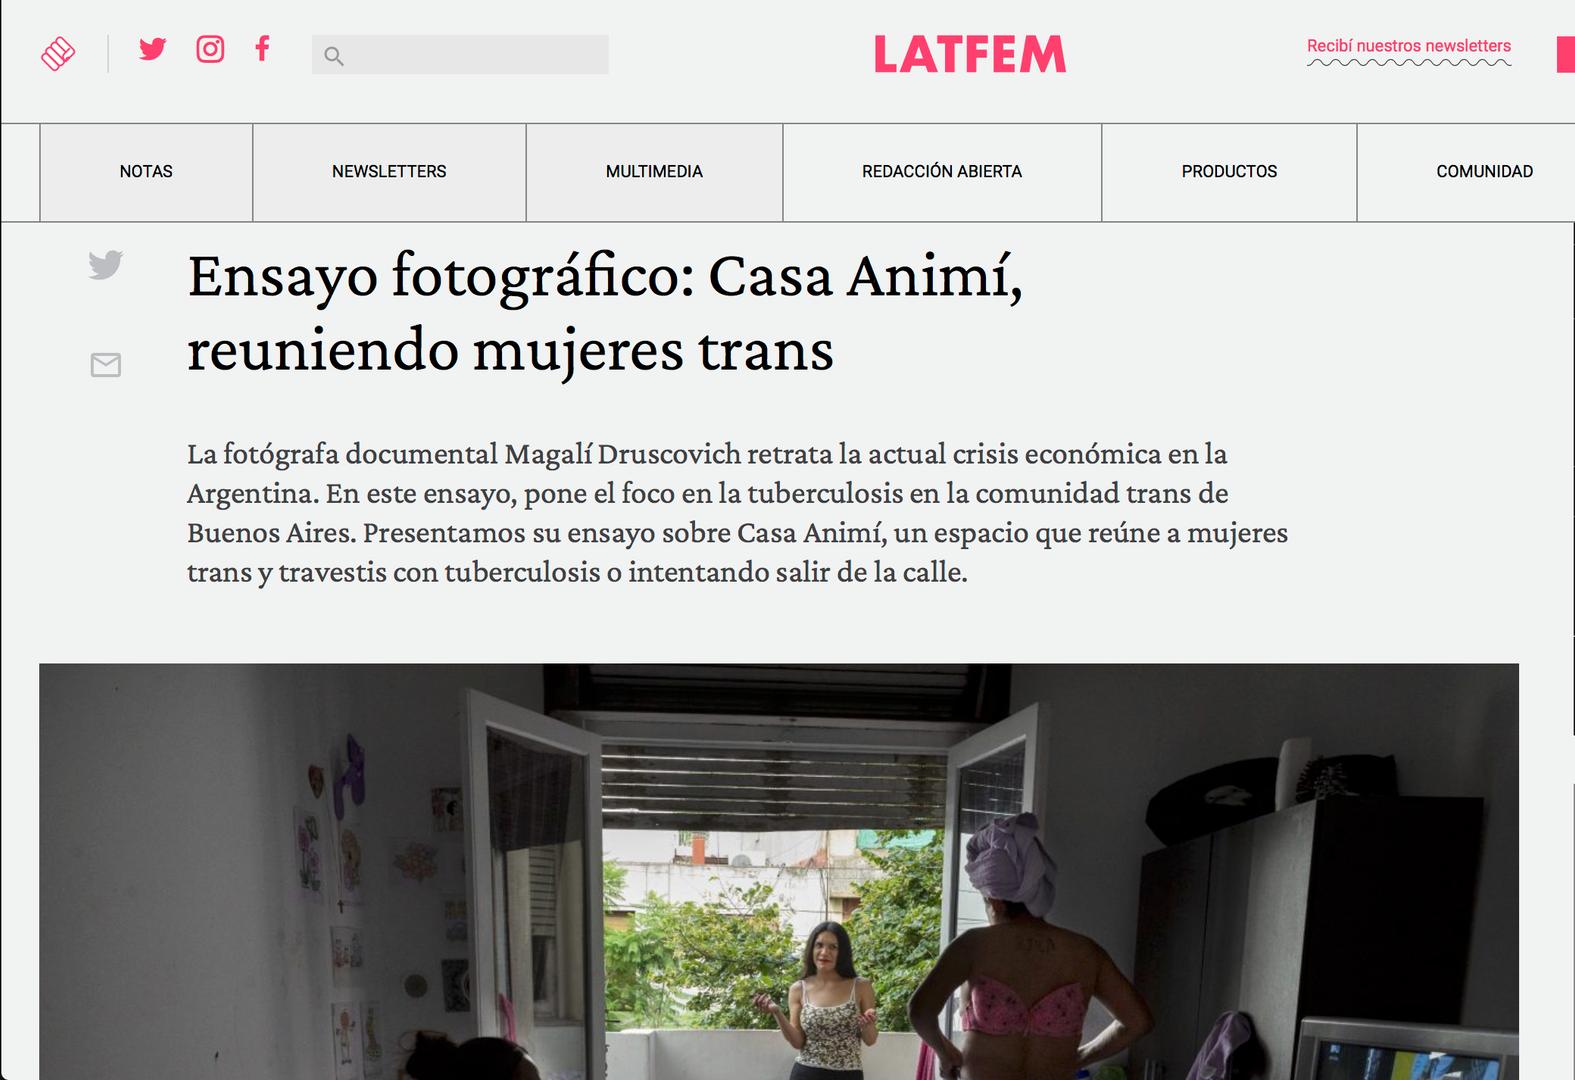 Tuberculosis comunidad trans